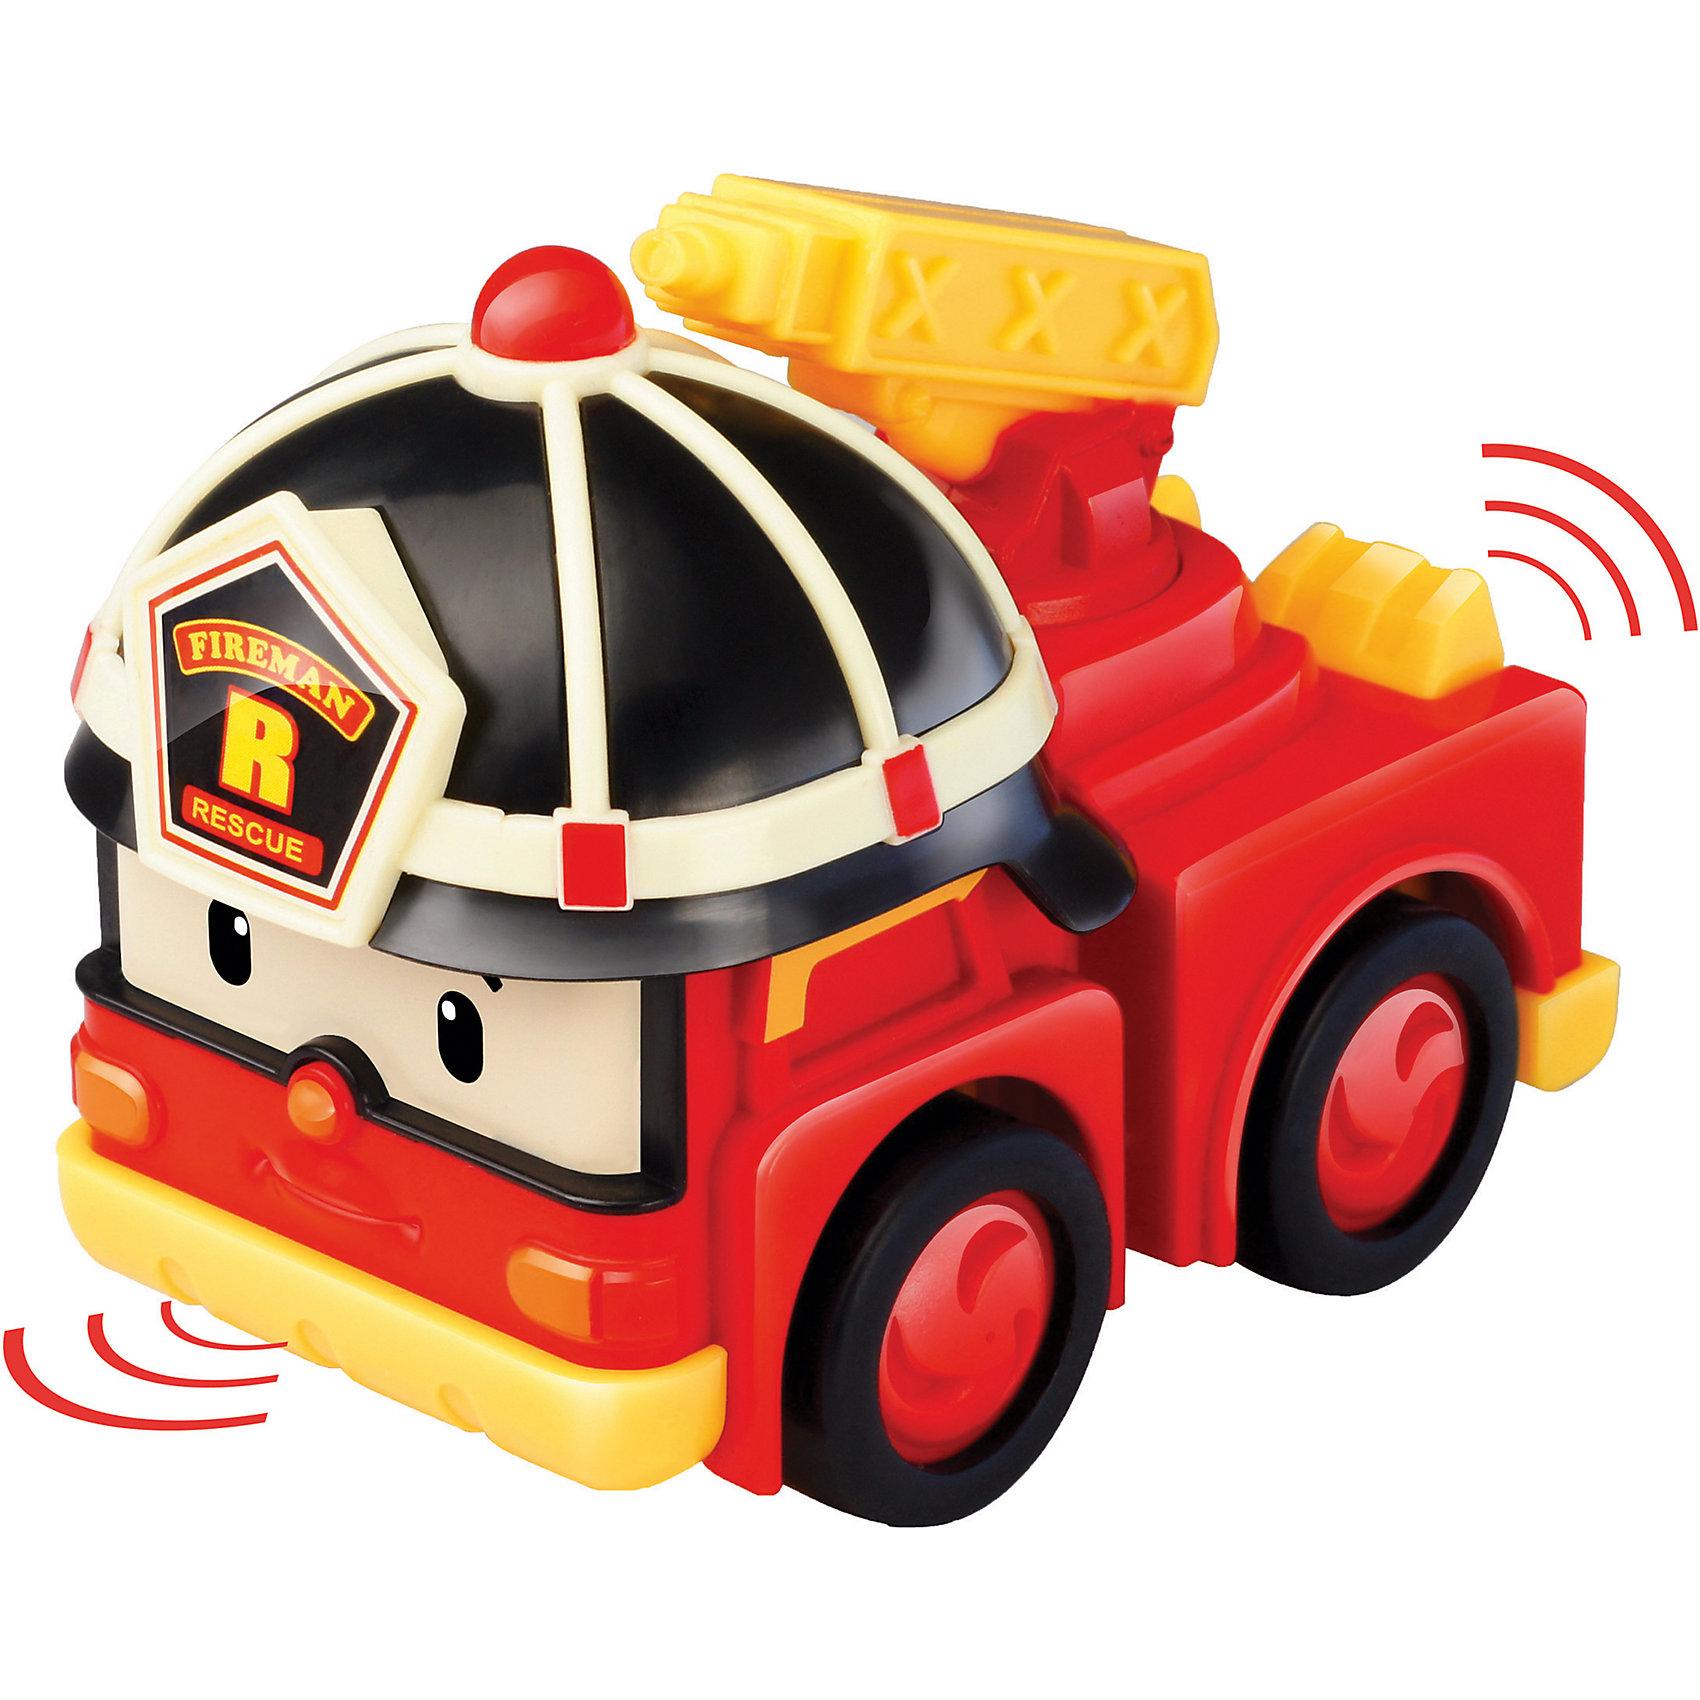 Умная машинка Рой, 6 см, Робокар ПолиУмная машинка Рой, 6 см, Робокар Поли выполняет важную работу по тушению пожаров и непременно полюбится Вашему малышу своим красочным видом и интересными возможностями! Эта машинка отличается от обычных тем, что является умной – она знает правила дорожного движения, может самостоятельно ехать по трекам всех игровых наборов серии «Робокар Поли», используя встроенный аккумулятор, а если перед ней возникнет препятствие, она останавливается за несколько сантиметров до него, предотвращая аварию.<br><br>Характеристики:<br>-Развивает: воображение, память, логическое мышление, мелкую моторику, речь, фантазию<br>-Игрушка выполнена из высококачественного пластика, с аккуратно обработанными краями, использованные красители не токсичны и гипоаллергенны<br>-Игрушка отлично подойдет как для игры по мотивам мультфильма «Робокар Поли», так и для придумывания новых историй<br>-Можно собрать всю коллекцию машин-спасателей (скорая помощь, пожарная машина, вертолет и полицейский) и разнообразить игры<br>-2 варианта движения машинки: инерционный или на основе встроенного аккумулятора (необходима станция подзарядки)<br><br>Дополнительная информация:<br>-Материалы: пластик<br>-Размеры в упаковке: 12х7х13 см<br>-Вес в упаковке: 102 г<br>-Размер машинки: 6 см<br>-Внимание! Станция подзарядки Energy station (Энерджи Стэйшн) покупается отдельно в составе игровых наборов-треков Умные машинки<br><br>Ребенок с интересом будет патрулировать улицы городка Брумстаун вместе с пожарной машинкой Рой, ехать по вызову на место пожара и тушить бушующее пламя!<br><br>Умную машинку Рой, 6 см, Робокар Поли можно купить в нашем магазине.<br><br>Ширина мм: 120<br>Глубина мм: 70<br>Высота мм: 130<br>Вес г: 102<br>Возраст от месяцев: 36<br>Возраст до месяцев: 84<br>Пол: Унисекс<br>Возраст: Детский<br>SKU: 4281695